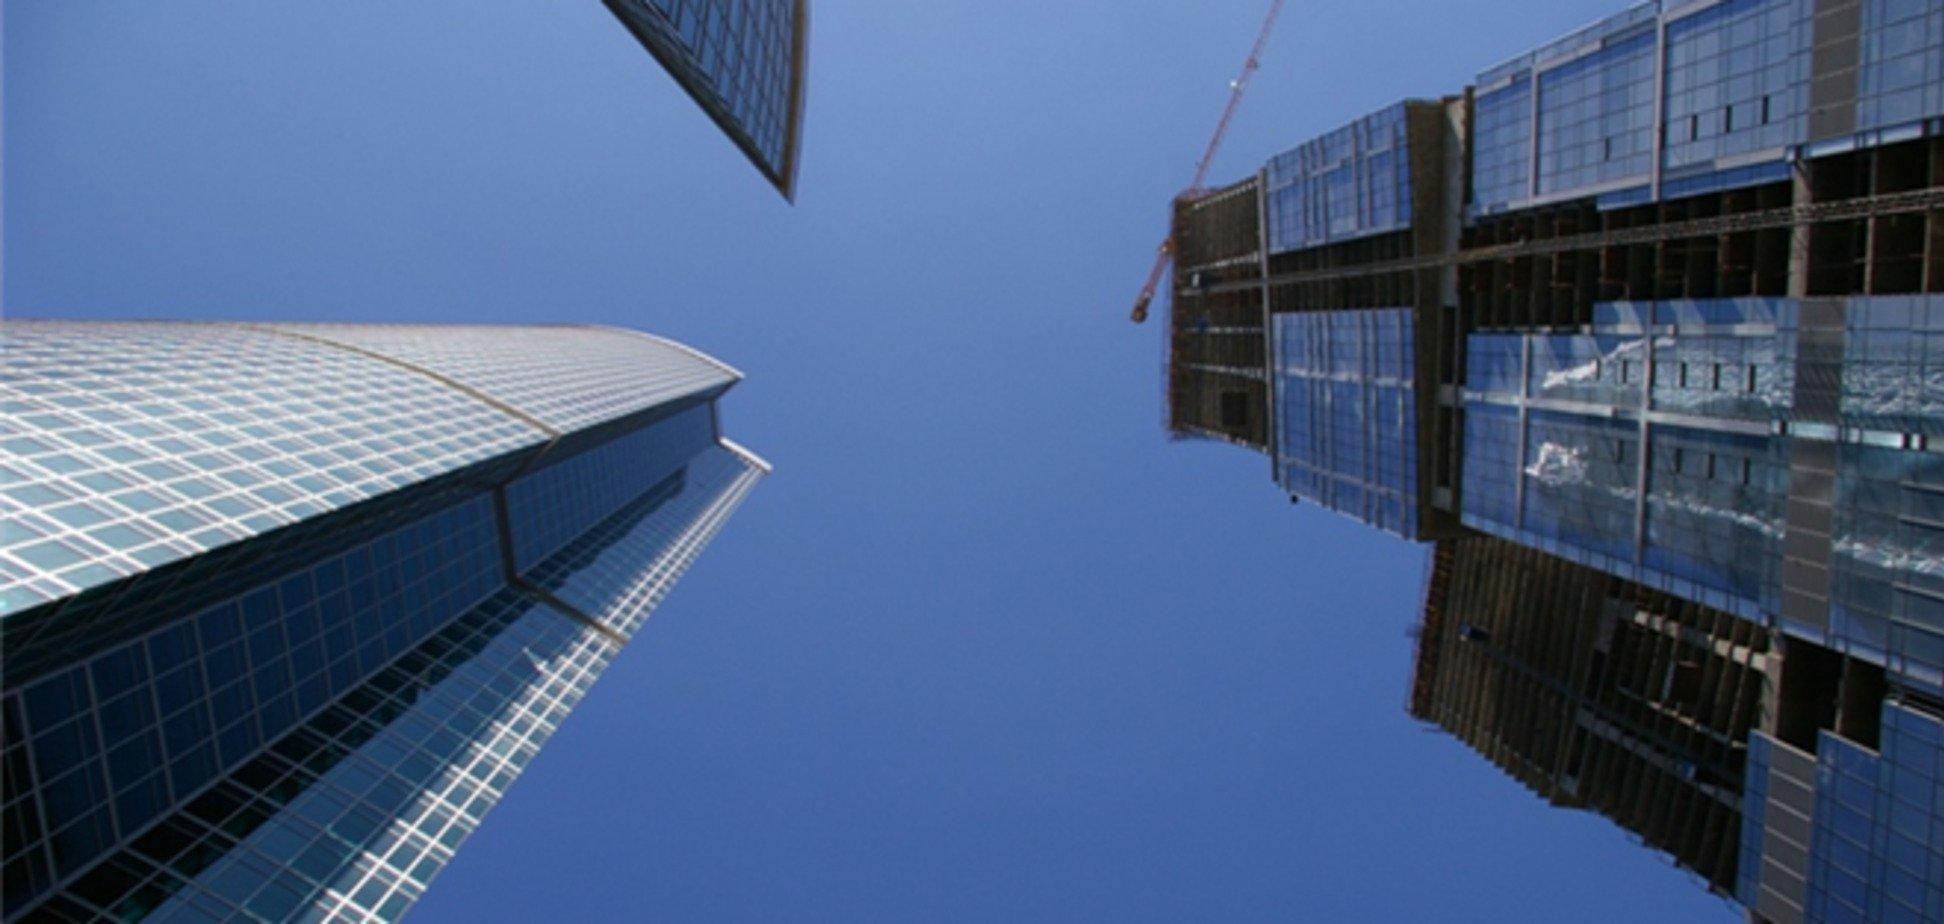 Объемы капитальных инвестиций в строительство достигли 120 млрд. грн